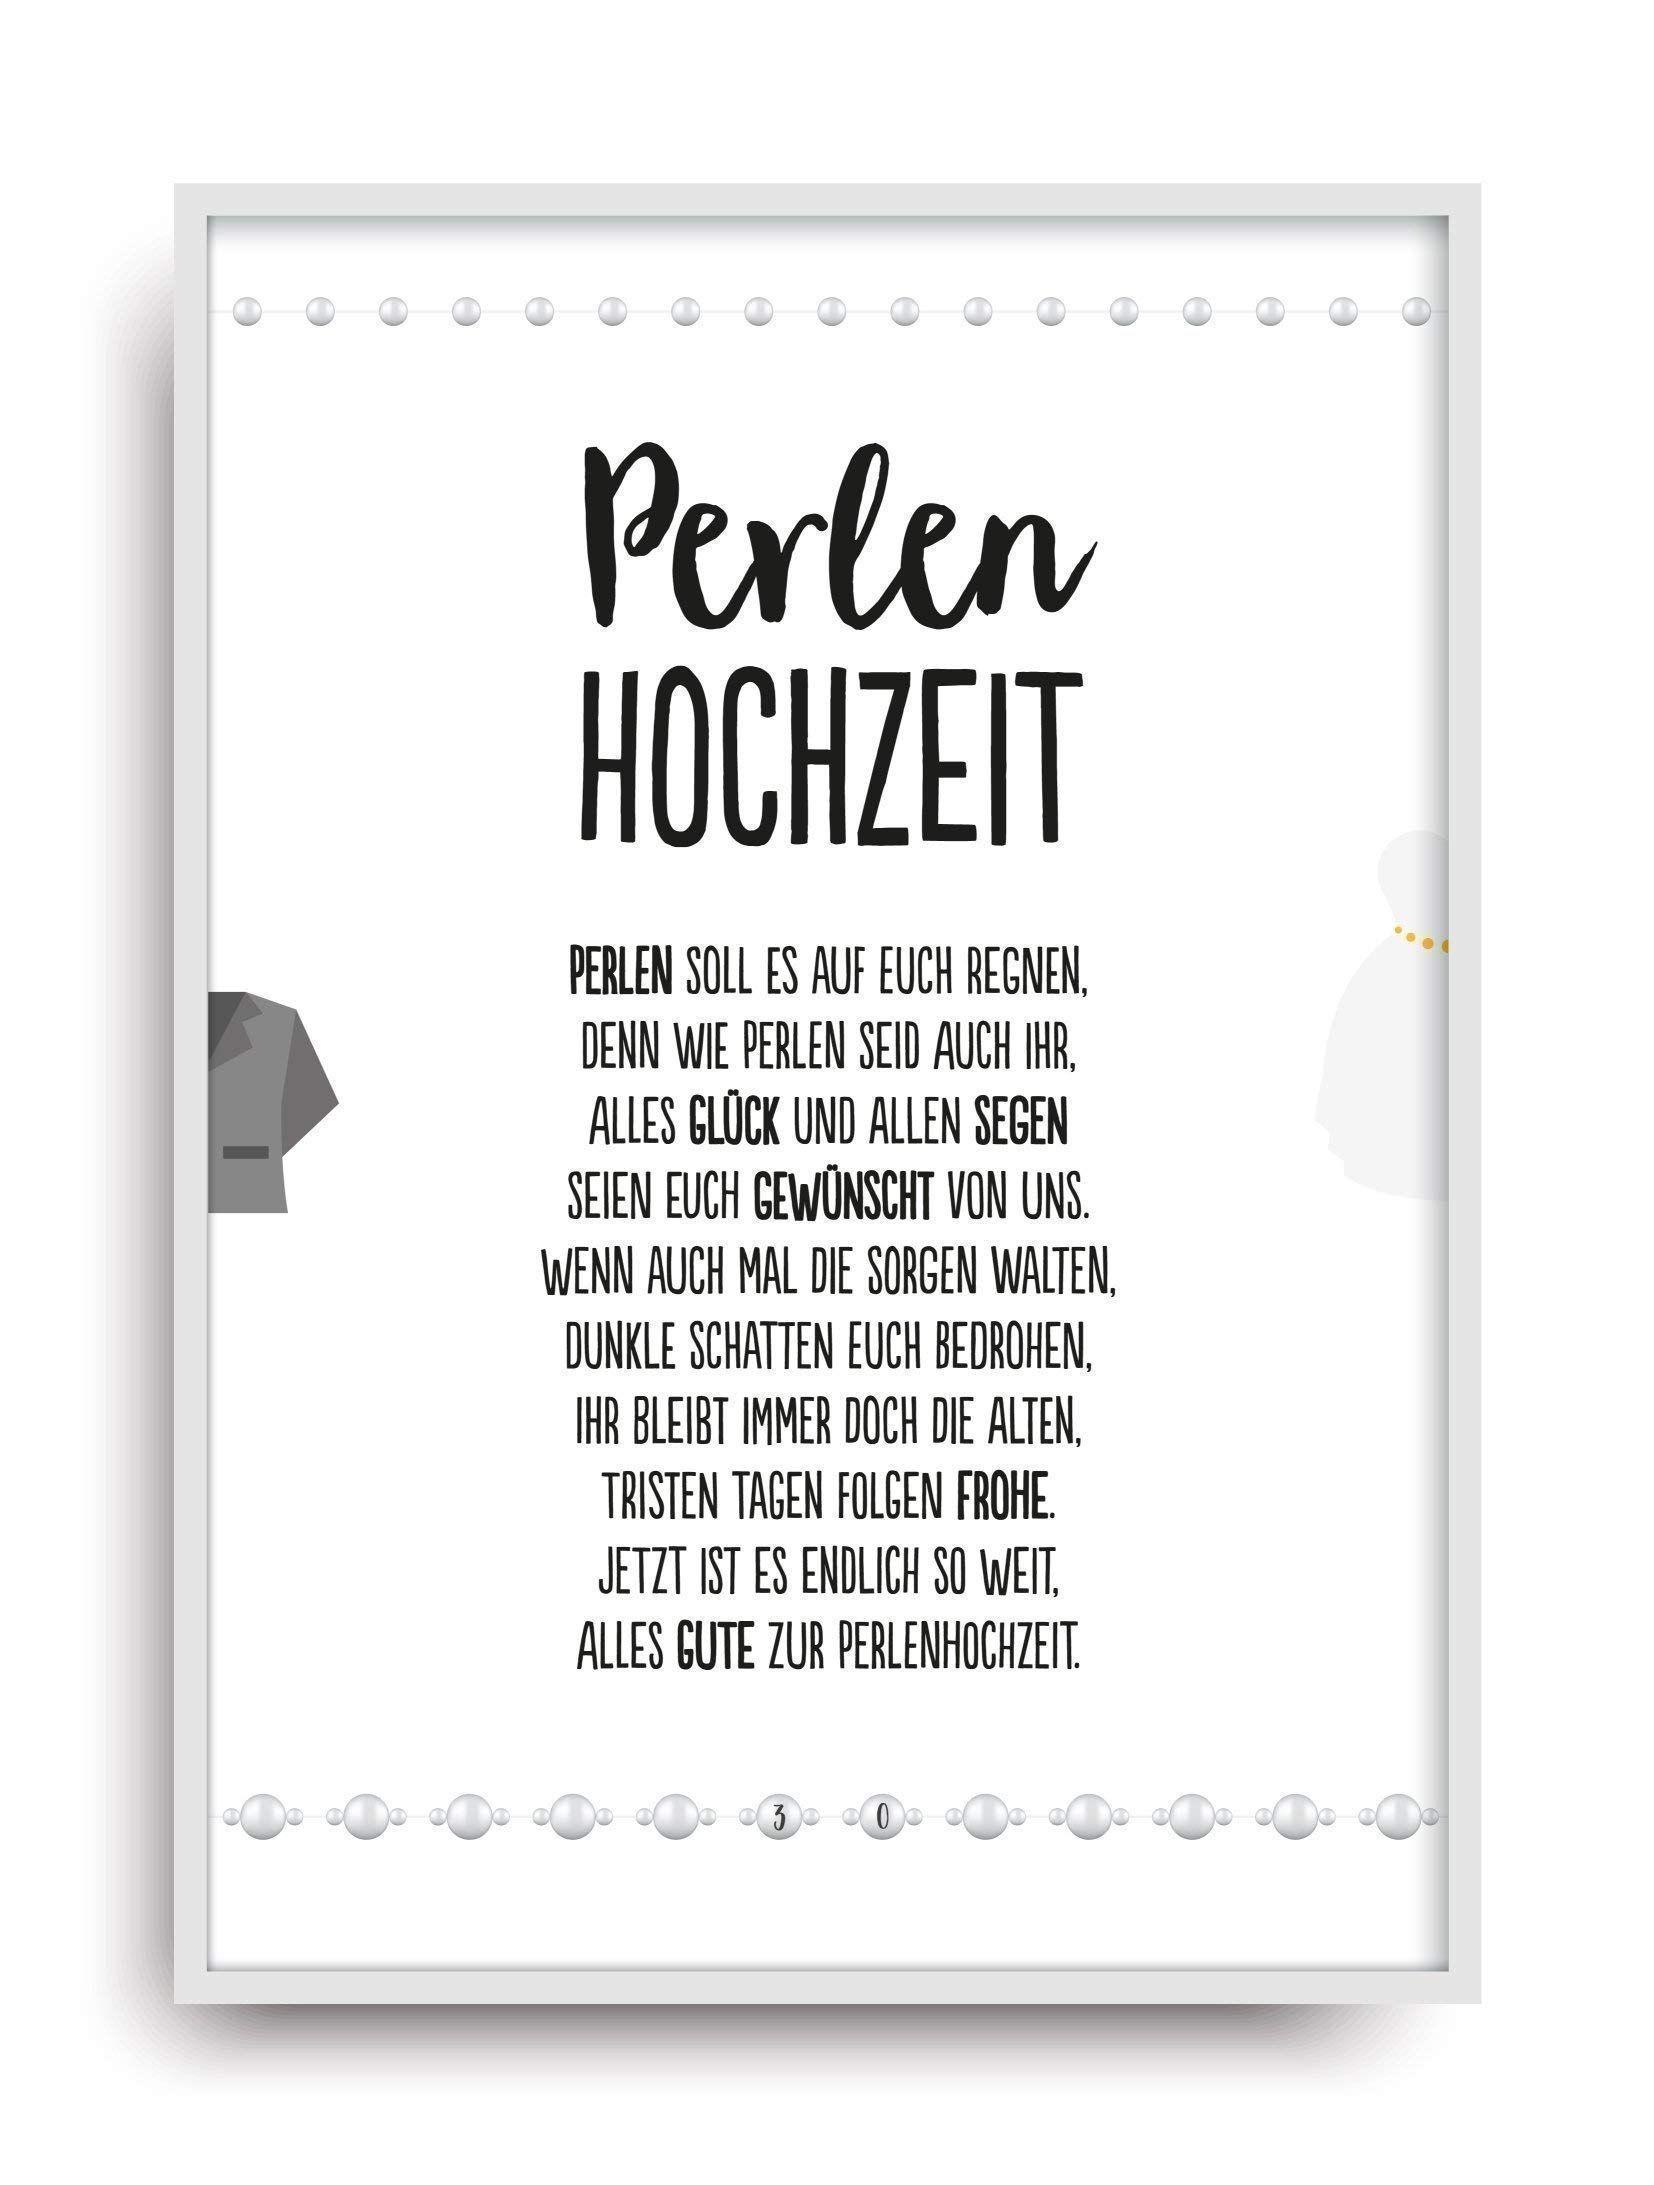 Hochzeit Karte Perlenhochzeit Kunstdruck 30 Hochzeitstag Perlen Brautpaar Bild Ohne Rahmen Din A4 Ad Kunstdruck Hochz Karte Hochzeit Hochzeitstag Hochzeit